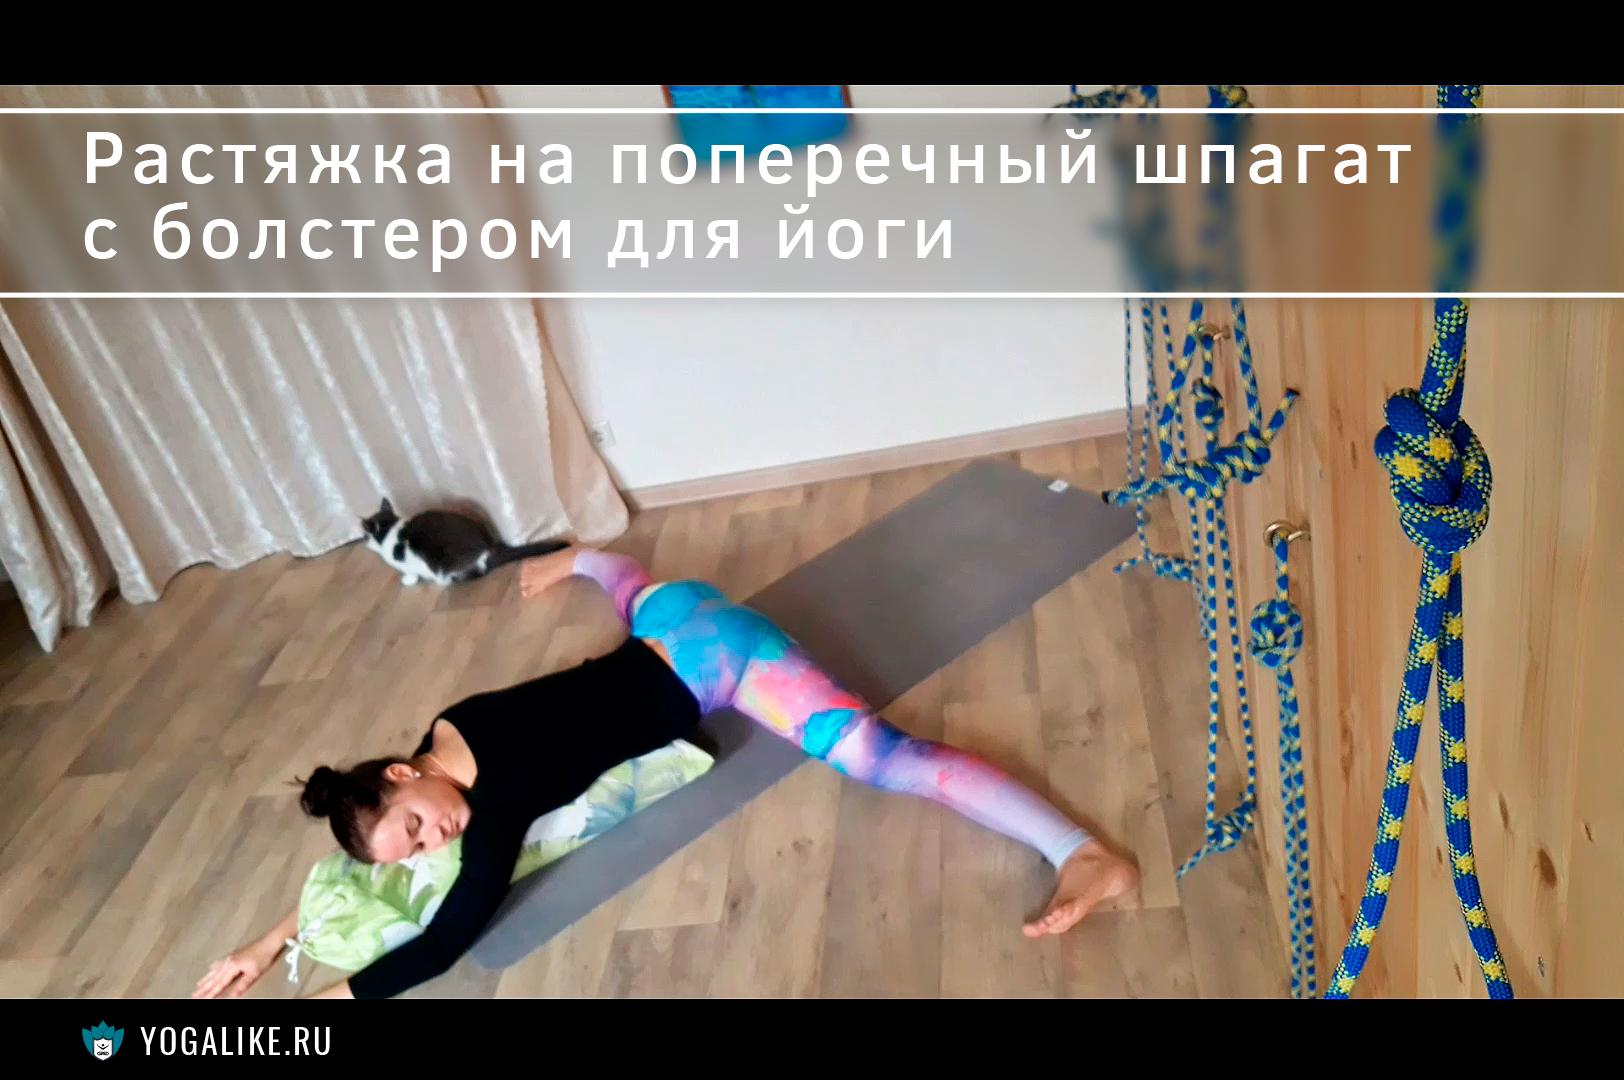 rastyajka-na-poperechnij-shpagat-s-bolsterom-dlya-yogi